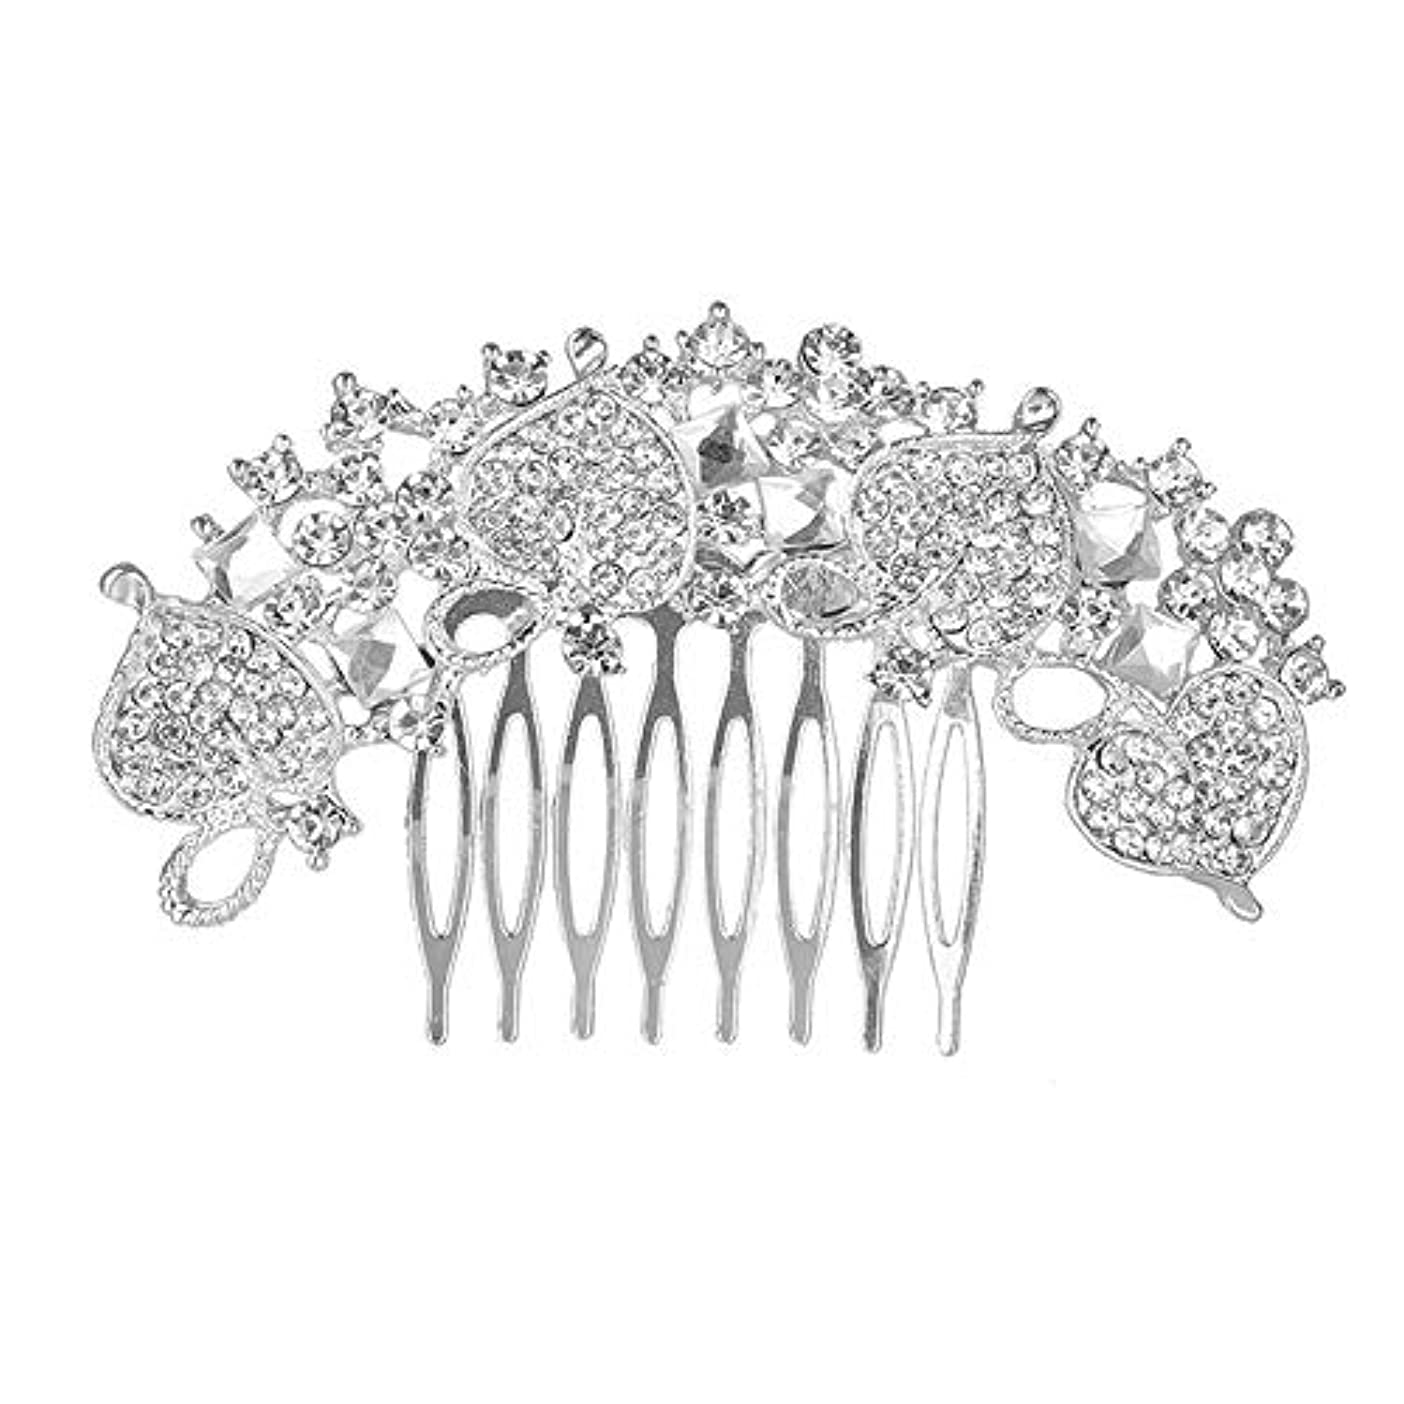 合理的反響する主に髪の櫛、櫛、花嫁の髪の櫛、クラウン髪の櫛、結婚式のアクセサリー、ラインストーンの髪の櫛、ブライダルヘアアクセサリー